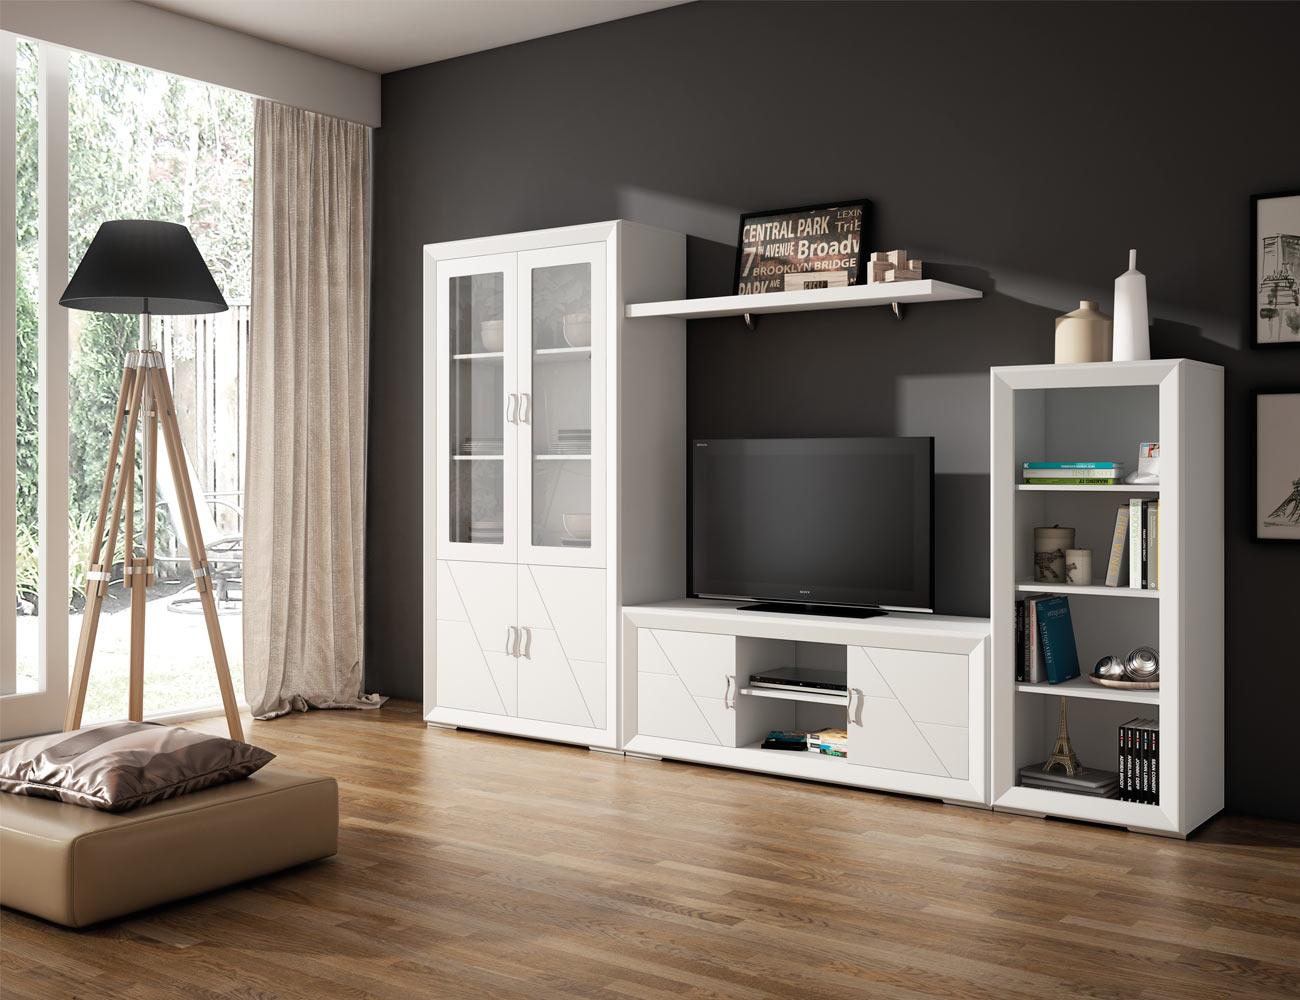 Muebles de gran calidad en madera con vitrina y librero en for Fabrica muebles comedor